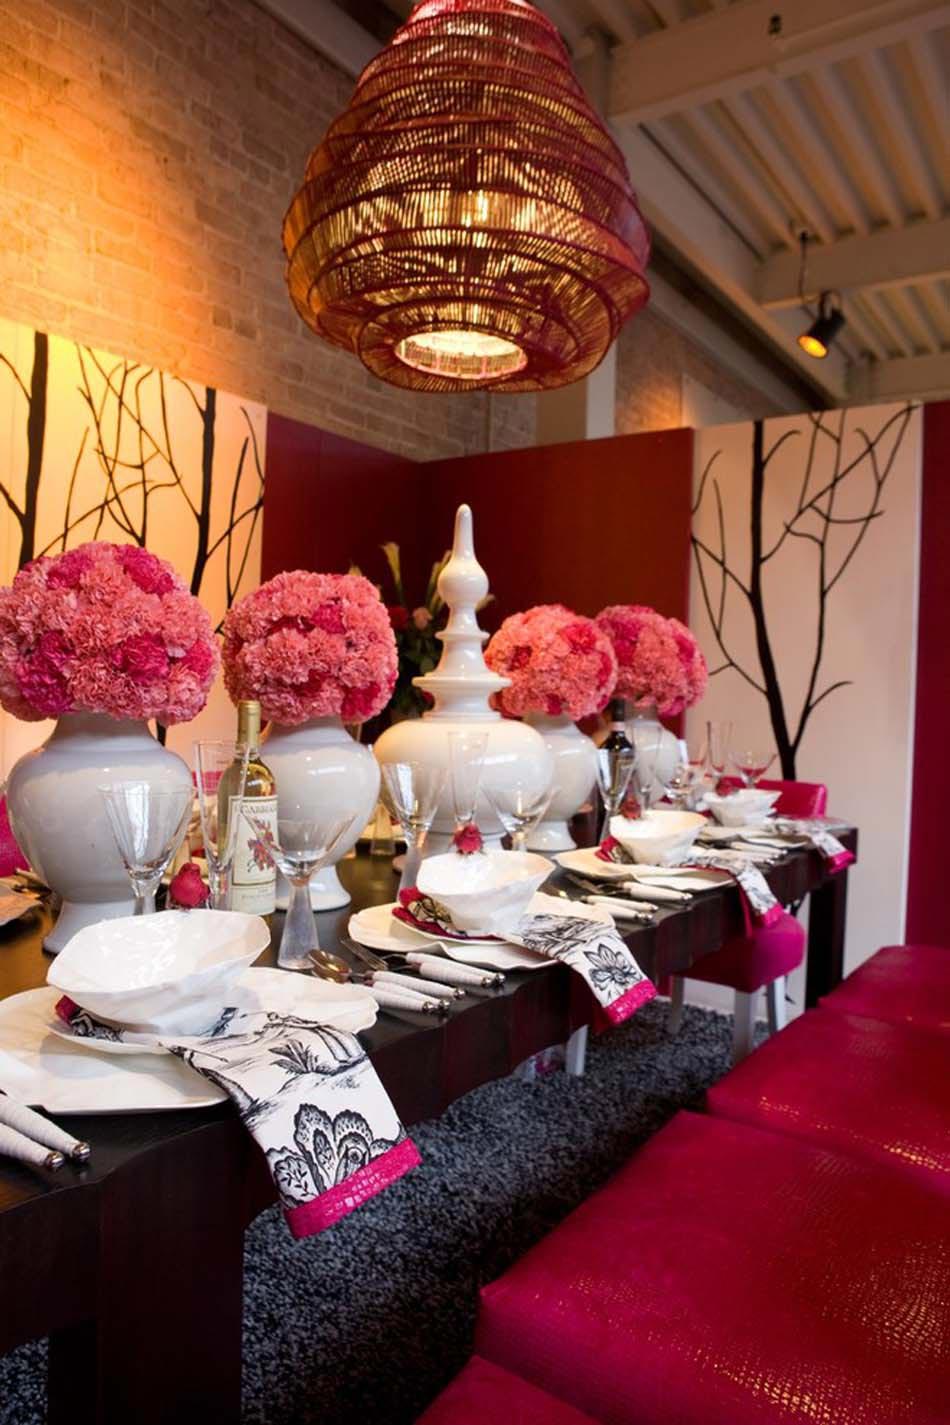 Déco Table Pour Recevoir à La Maison Fortement Influencé Par La Culture  Asiatique